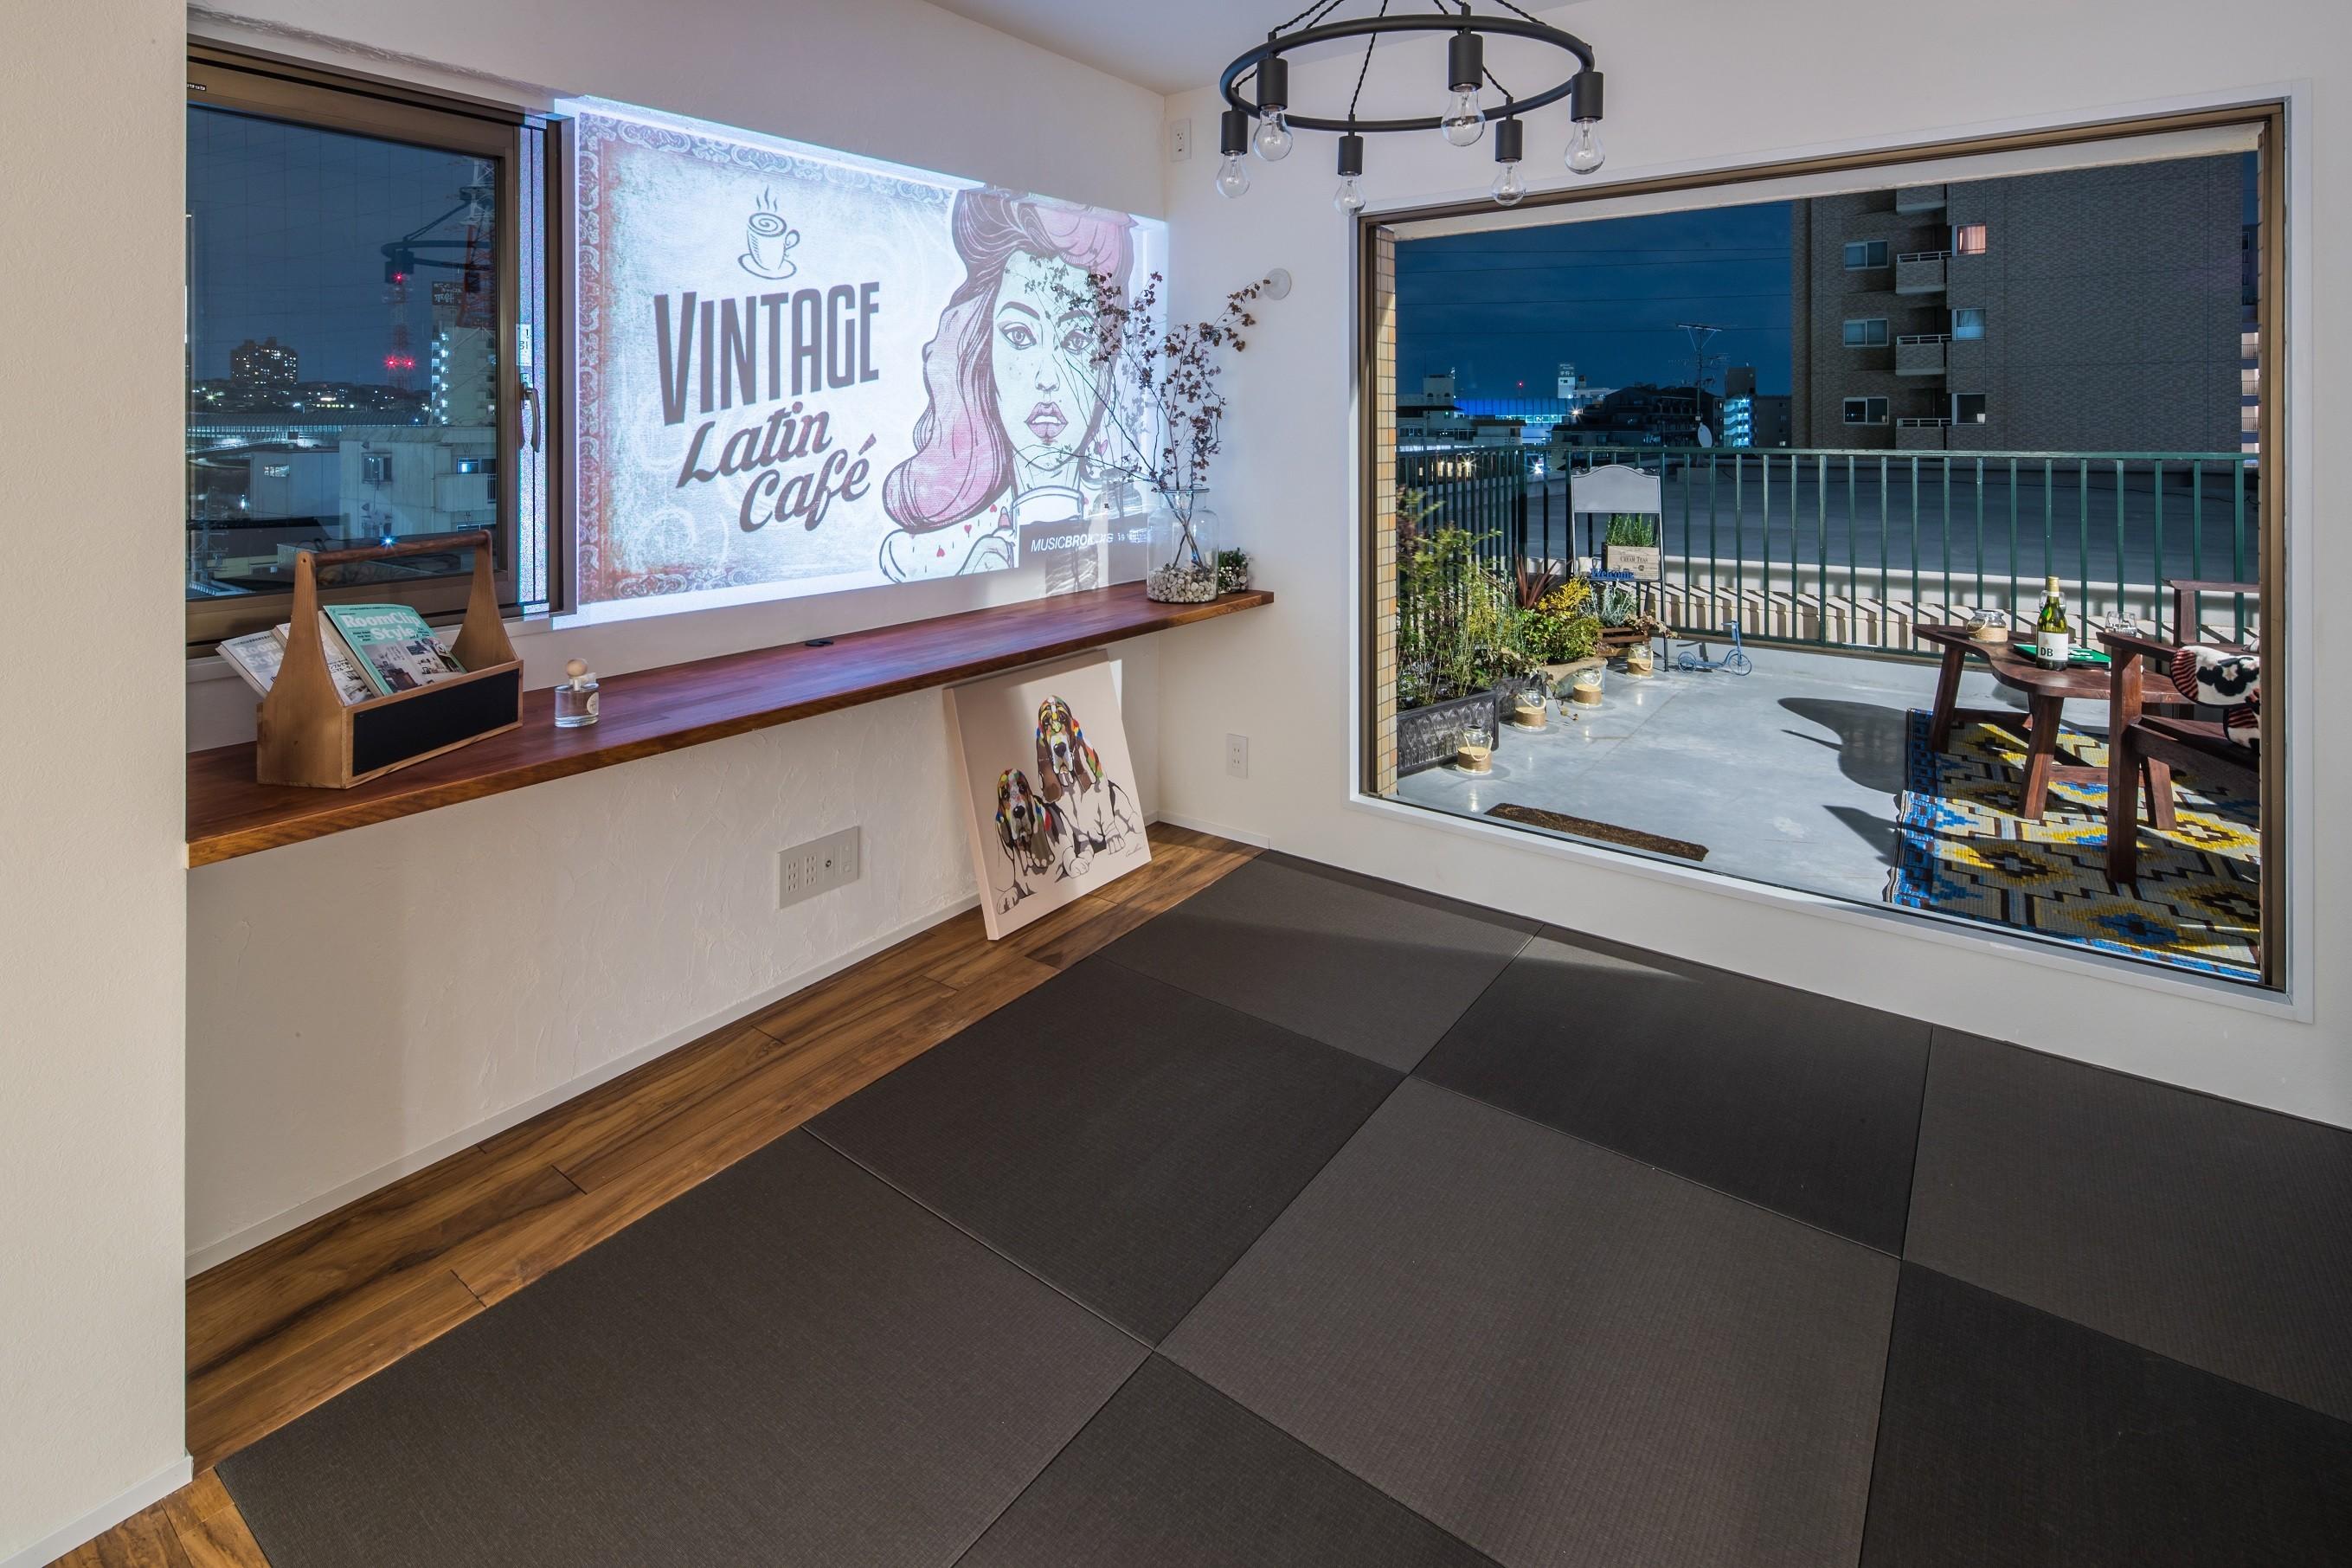 リビングダイニング事例:琉球畳を入れたリビングの一角(アウトドアリビングの暮らしを楽しめる家)